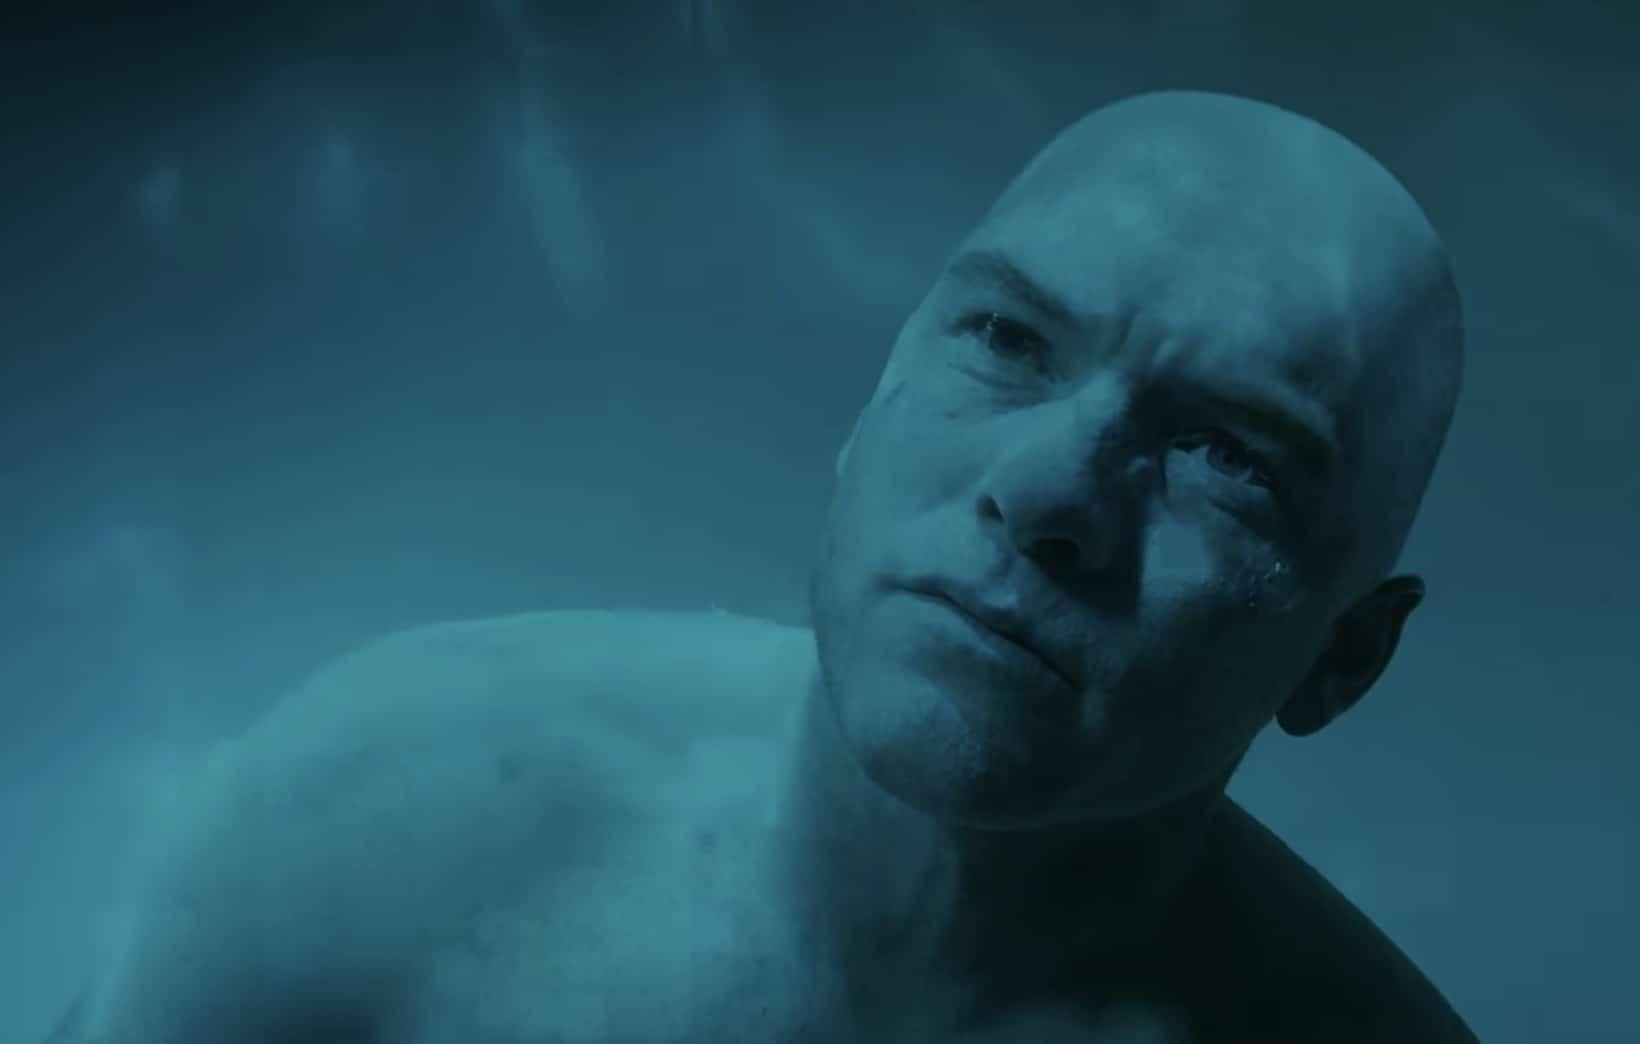 Bande-annonce de The Titan : toujours plus de SF sur Netflix...mais pas chez nous